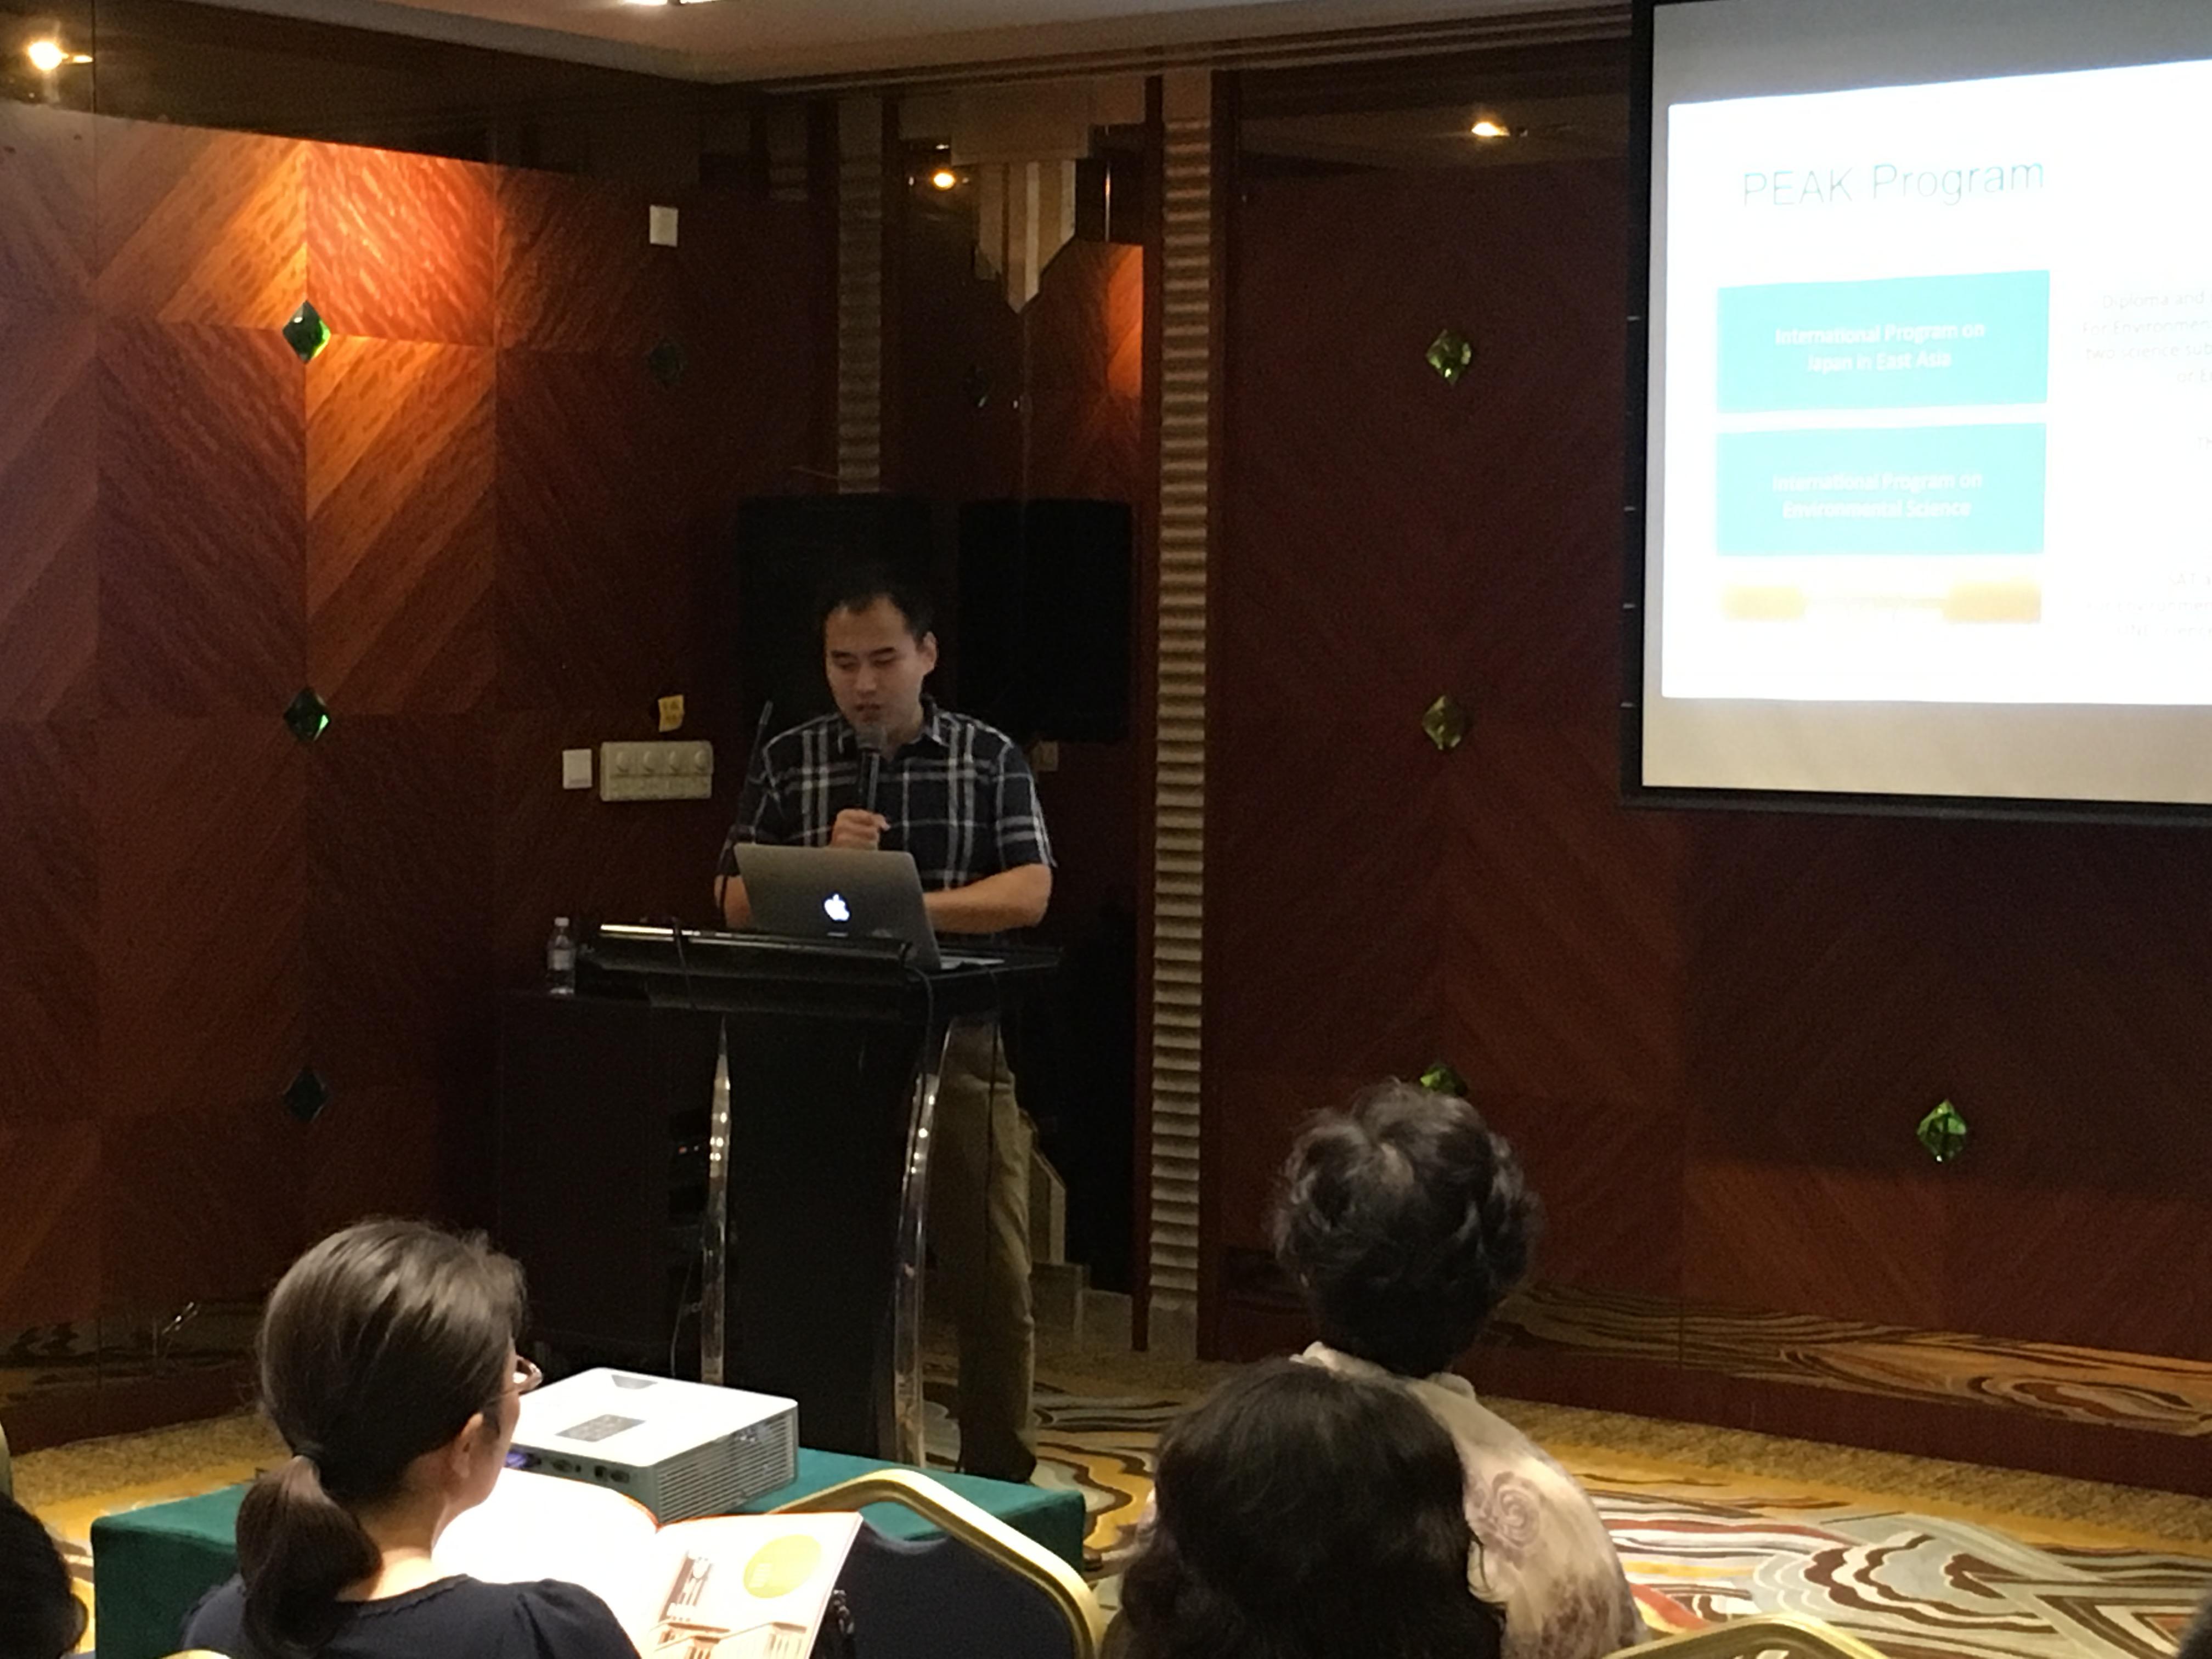 上海日本留学及びスーパーグローバル30プログラム講演会